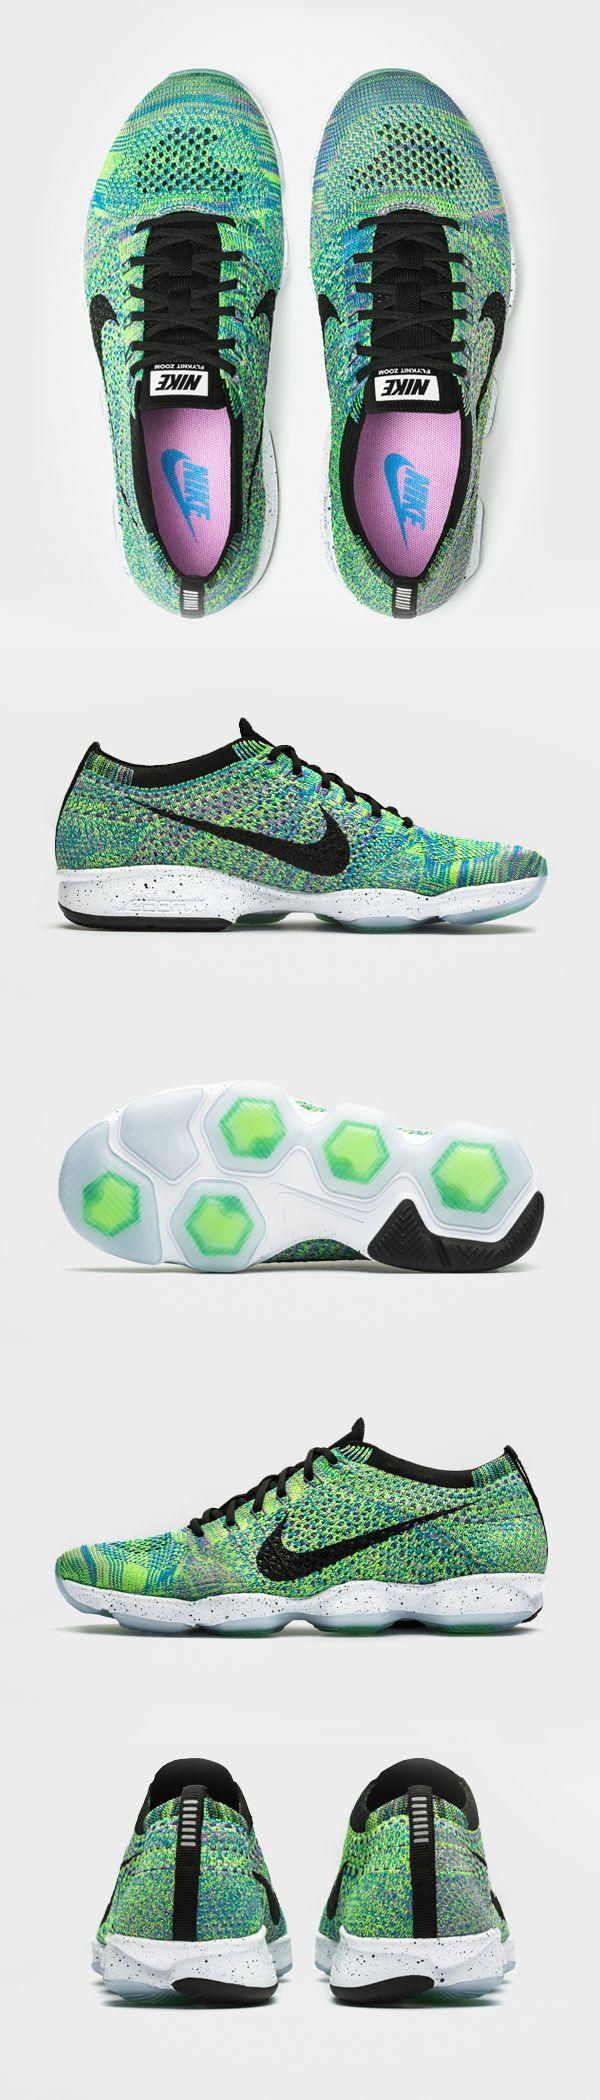 0cd466cafc19 Nike Free